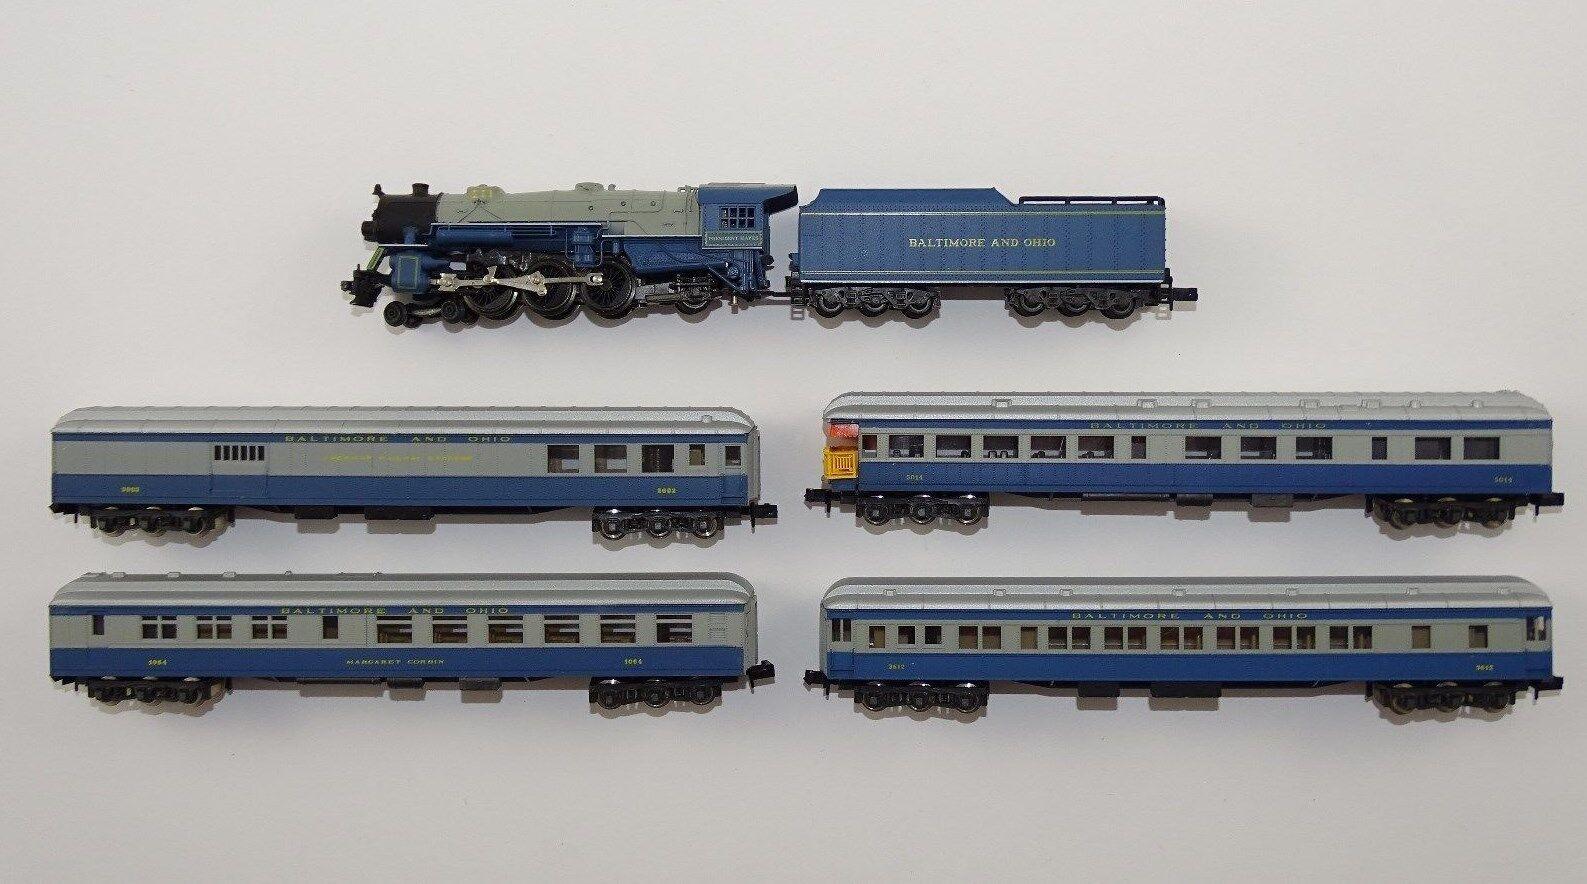 RIVAROSSI Locomotiva a vapore convoglio the Capitole Limited Baltimore and Ohio